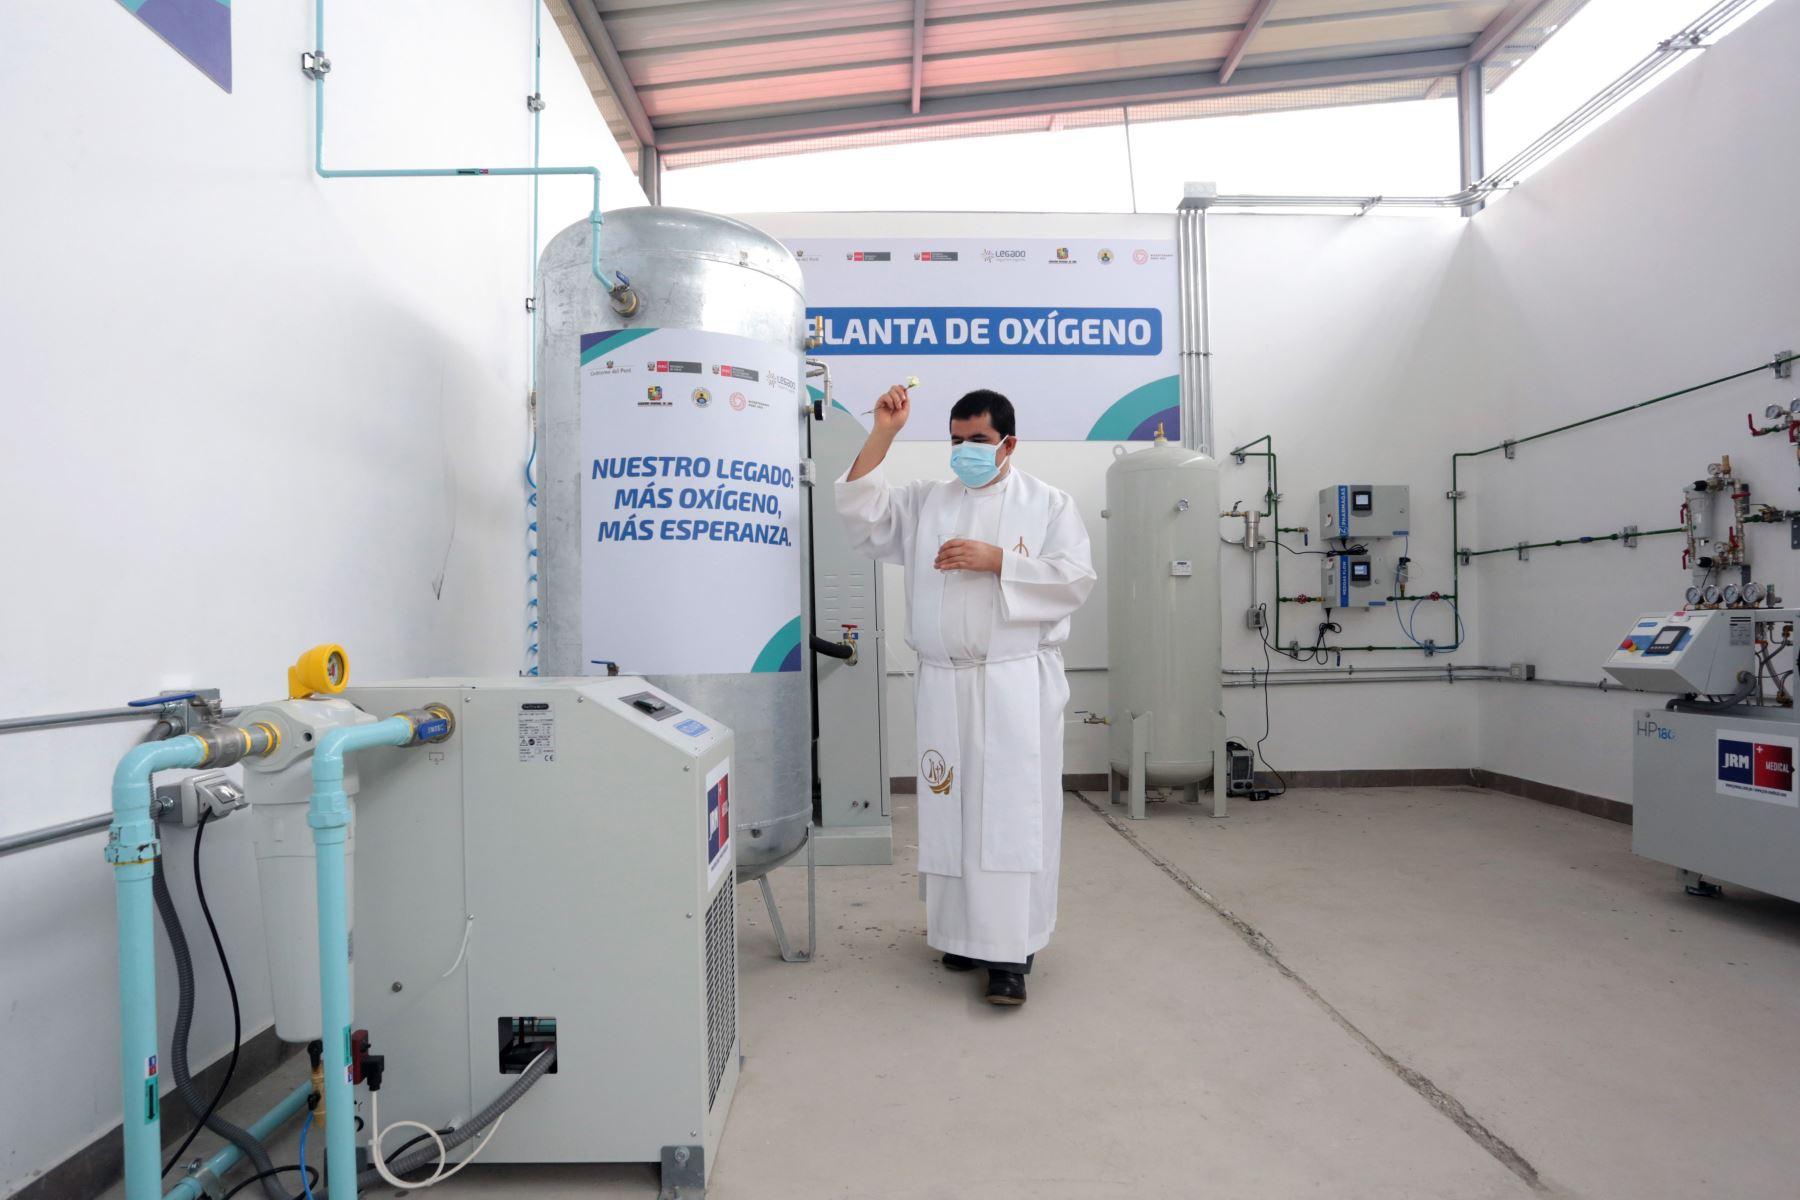 El Proyecto Especial Legado Juegos Panamericanos y Parapanamericanos puso en funcionamiento, una moderna planta de oxígeno medicinal traída desde Francia para el Hospital Regional de Huacho. Foto: Legado